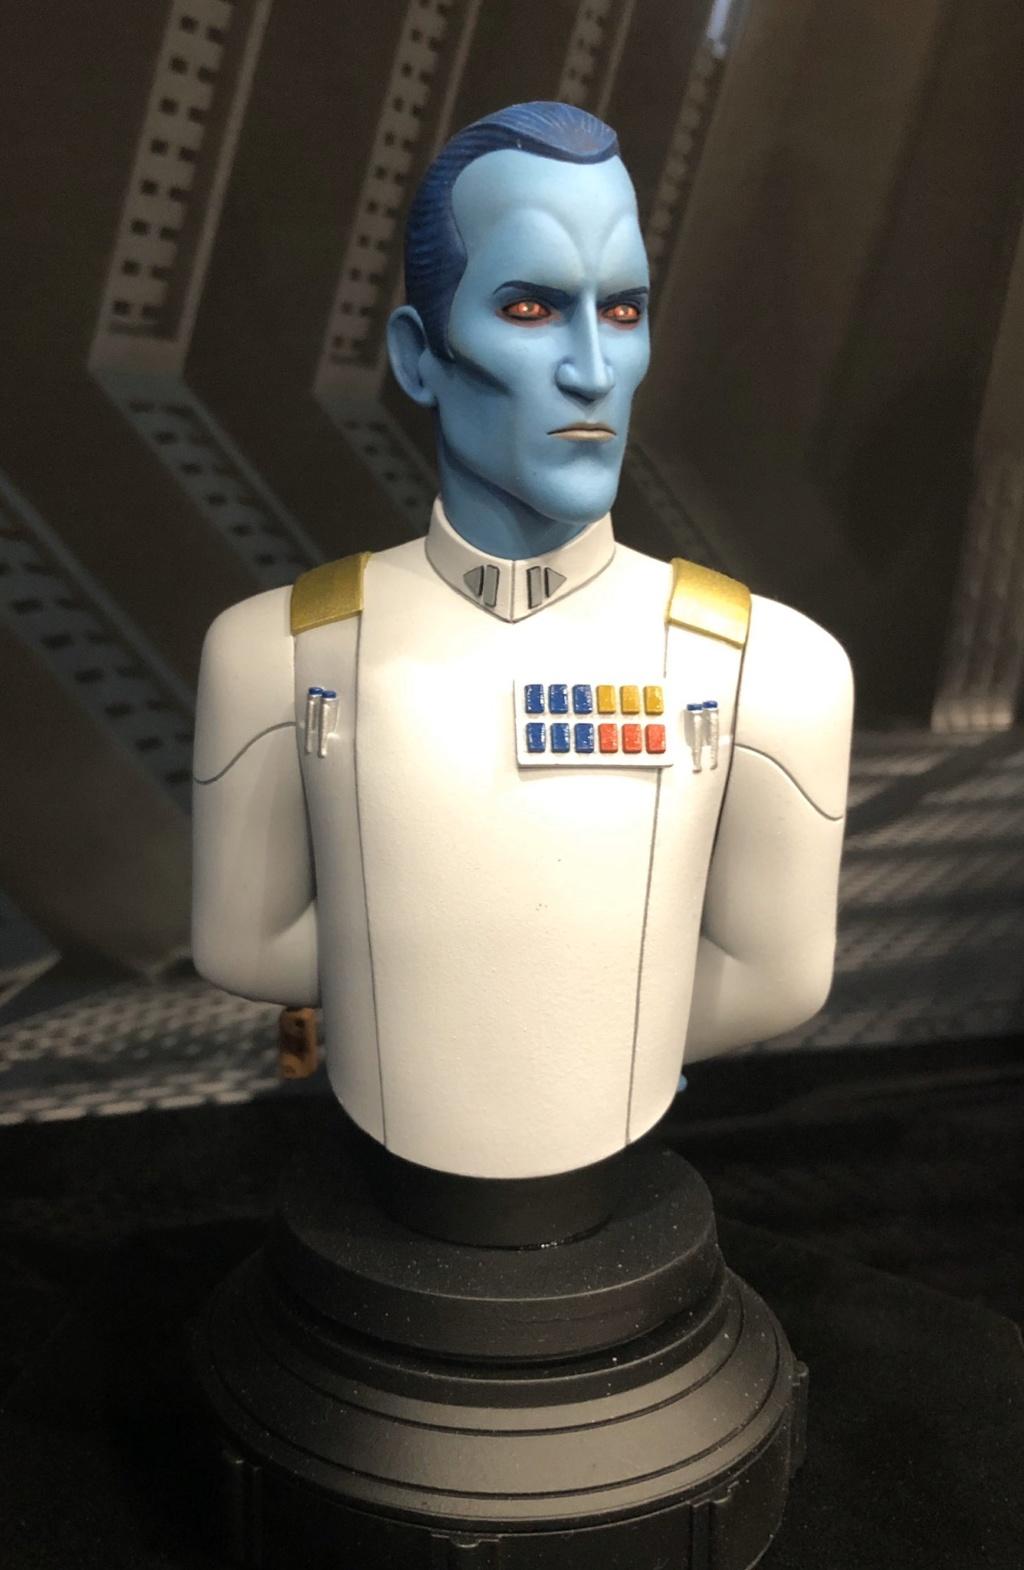 Star Wars Admiral Thrawn Bust 1:7 Scale - Gentle Giant Ergtey11